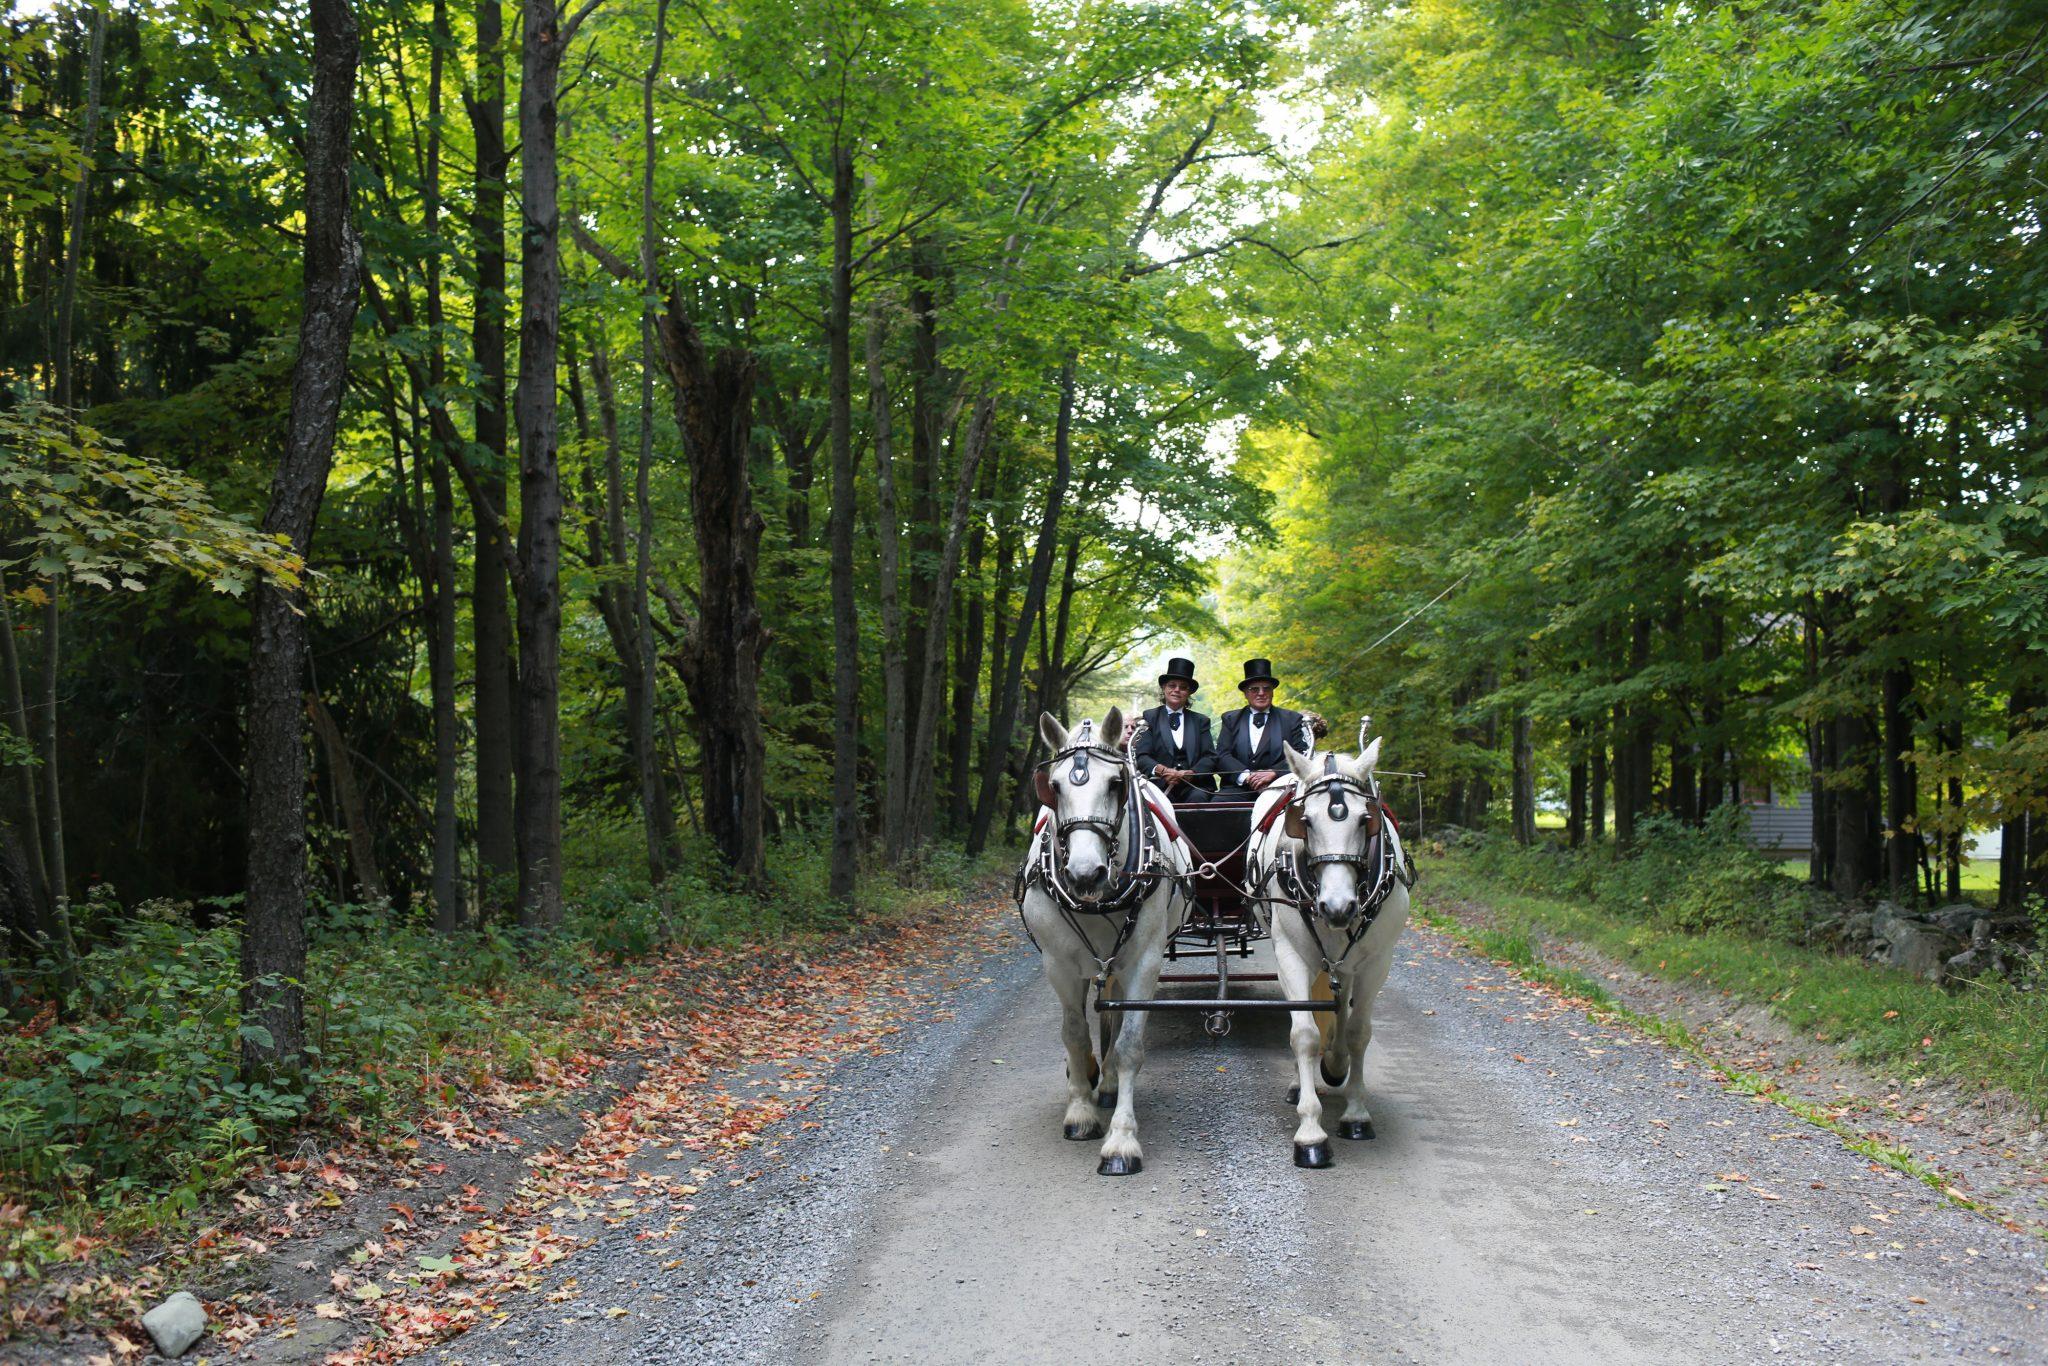 010_ba_carriage_ride